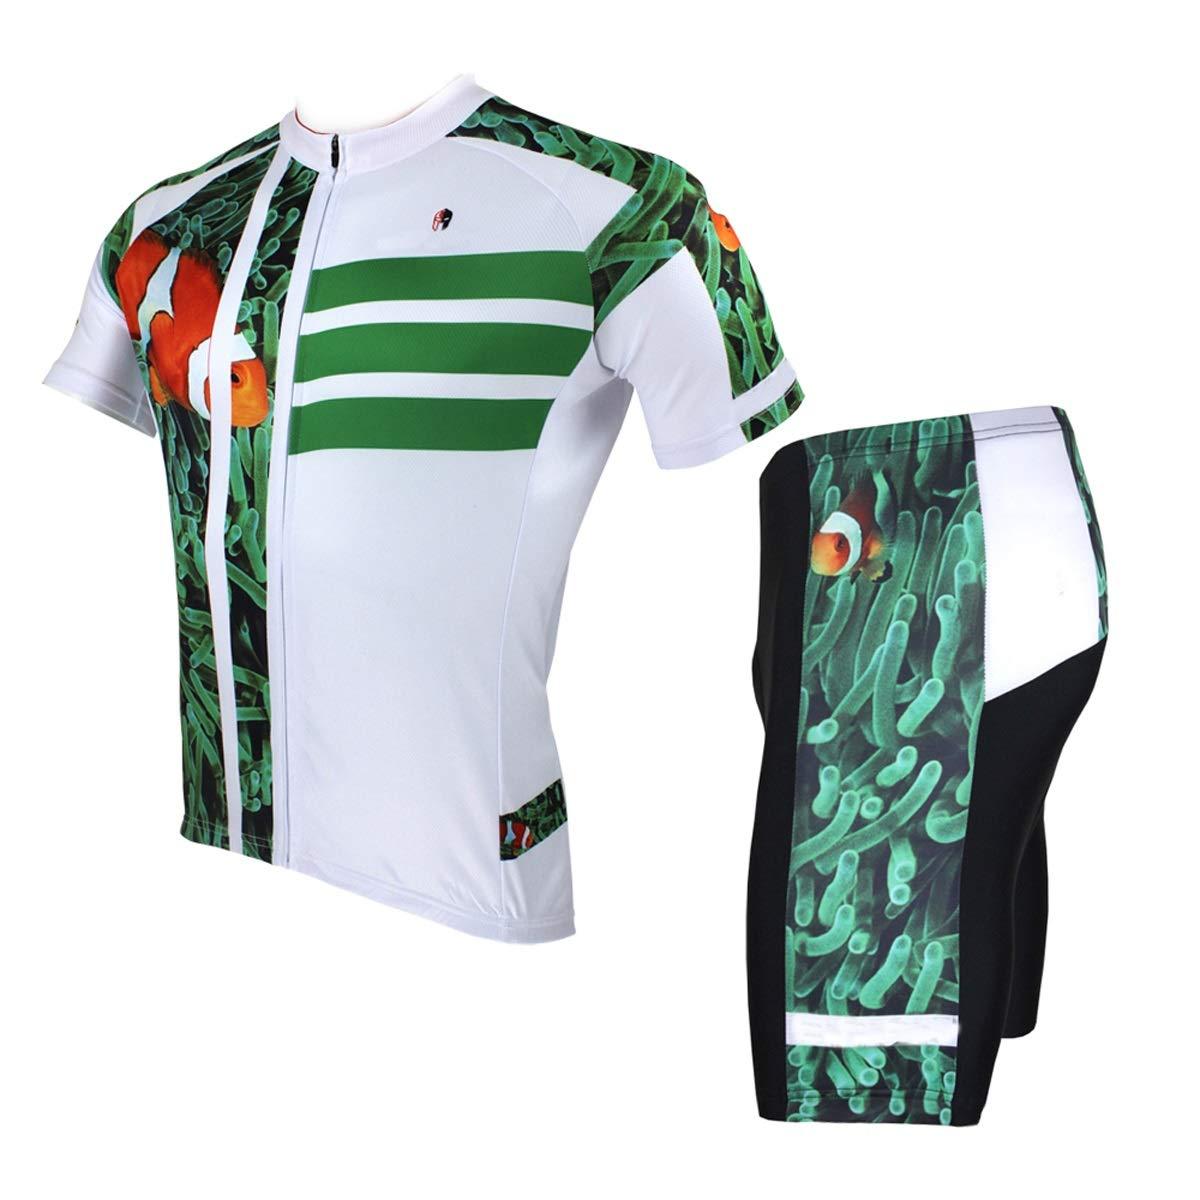 Fahrrad Reitanzug Sommer Herren Feuchtigkeit Sweat Jersey Shorts Leichte Quick Dry Bike Jersey Fahrradtrikot LPLHJD